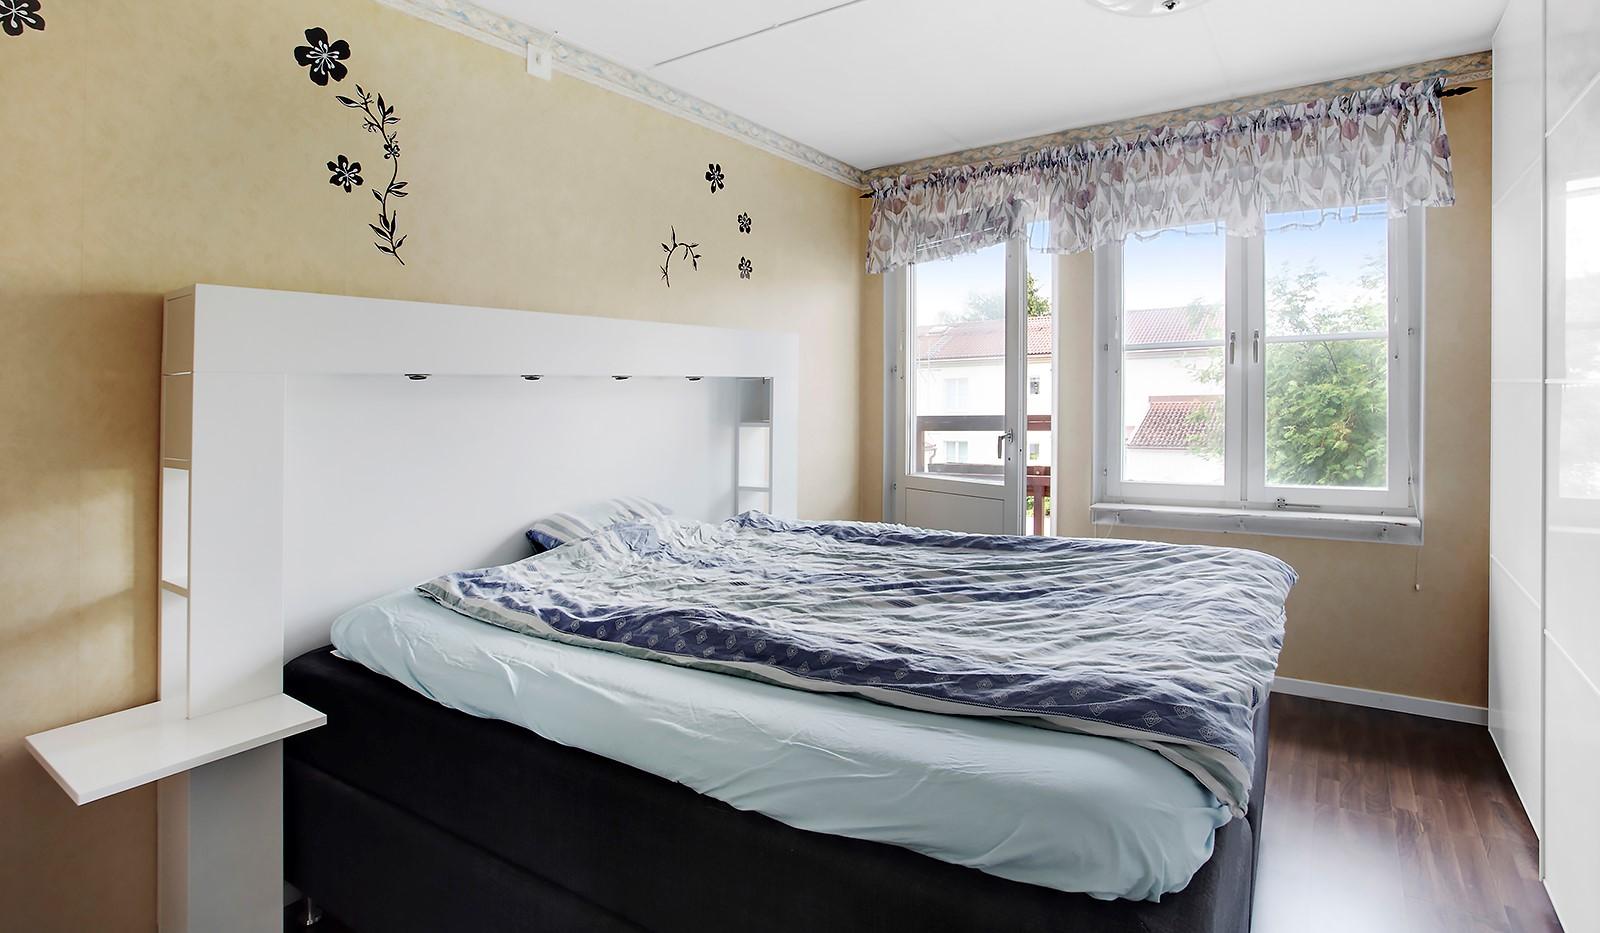 Midsommarvägen 83 - Sovrum med stor garderob och fransk balkong